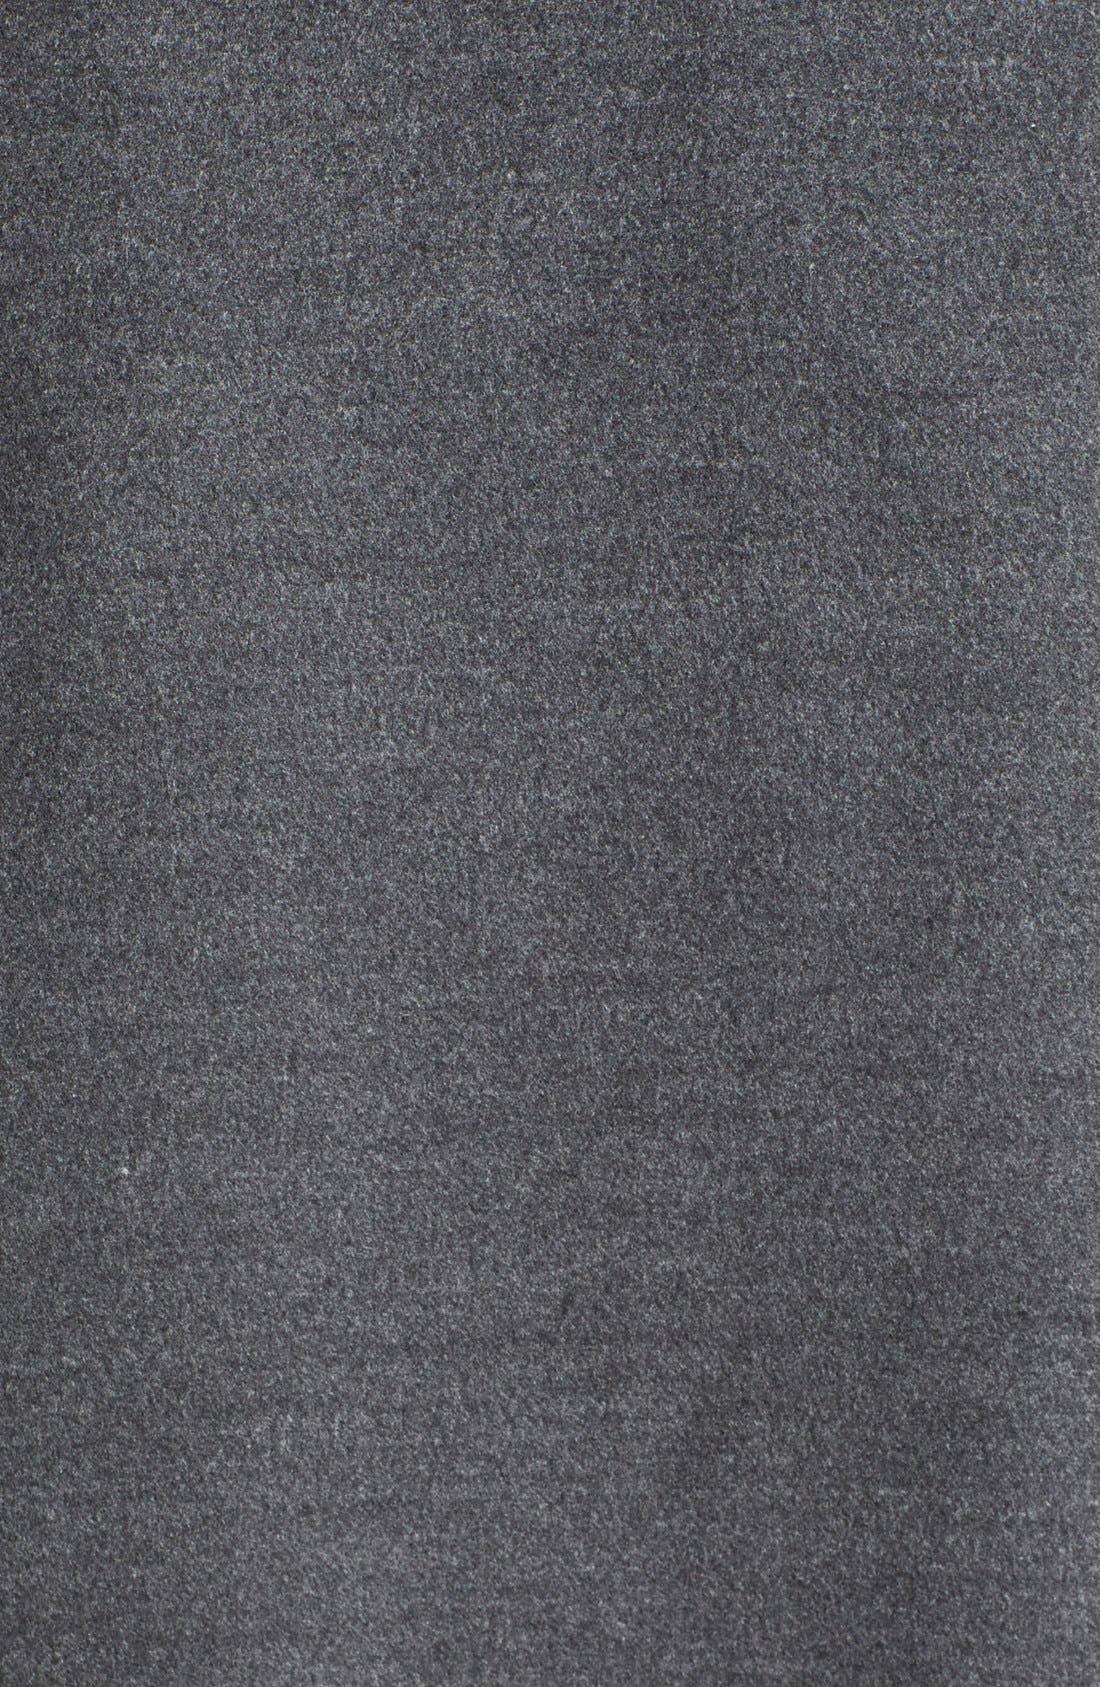 Alternate Image 3  - Topshop 'Maisie' Top Coat (Nordstrom Exclusive)